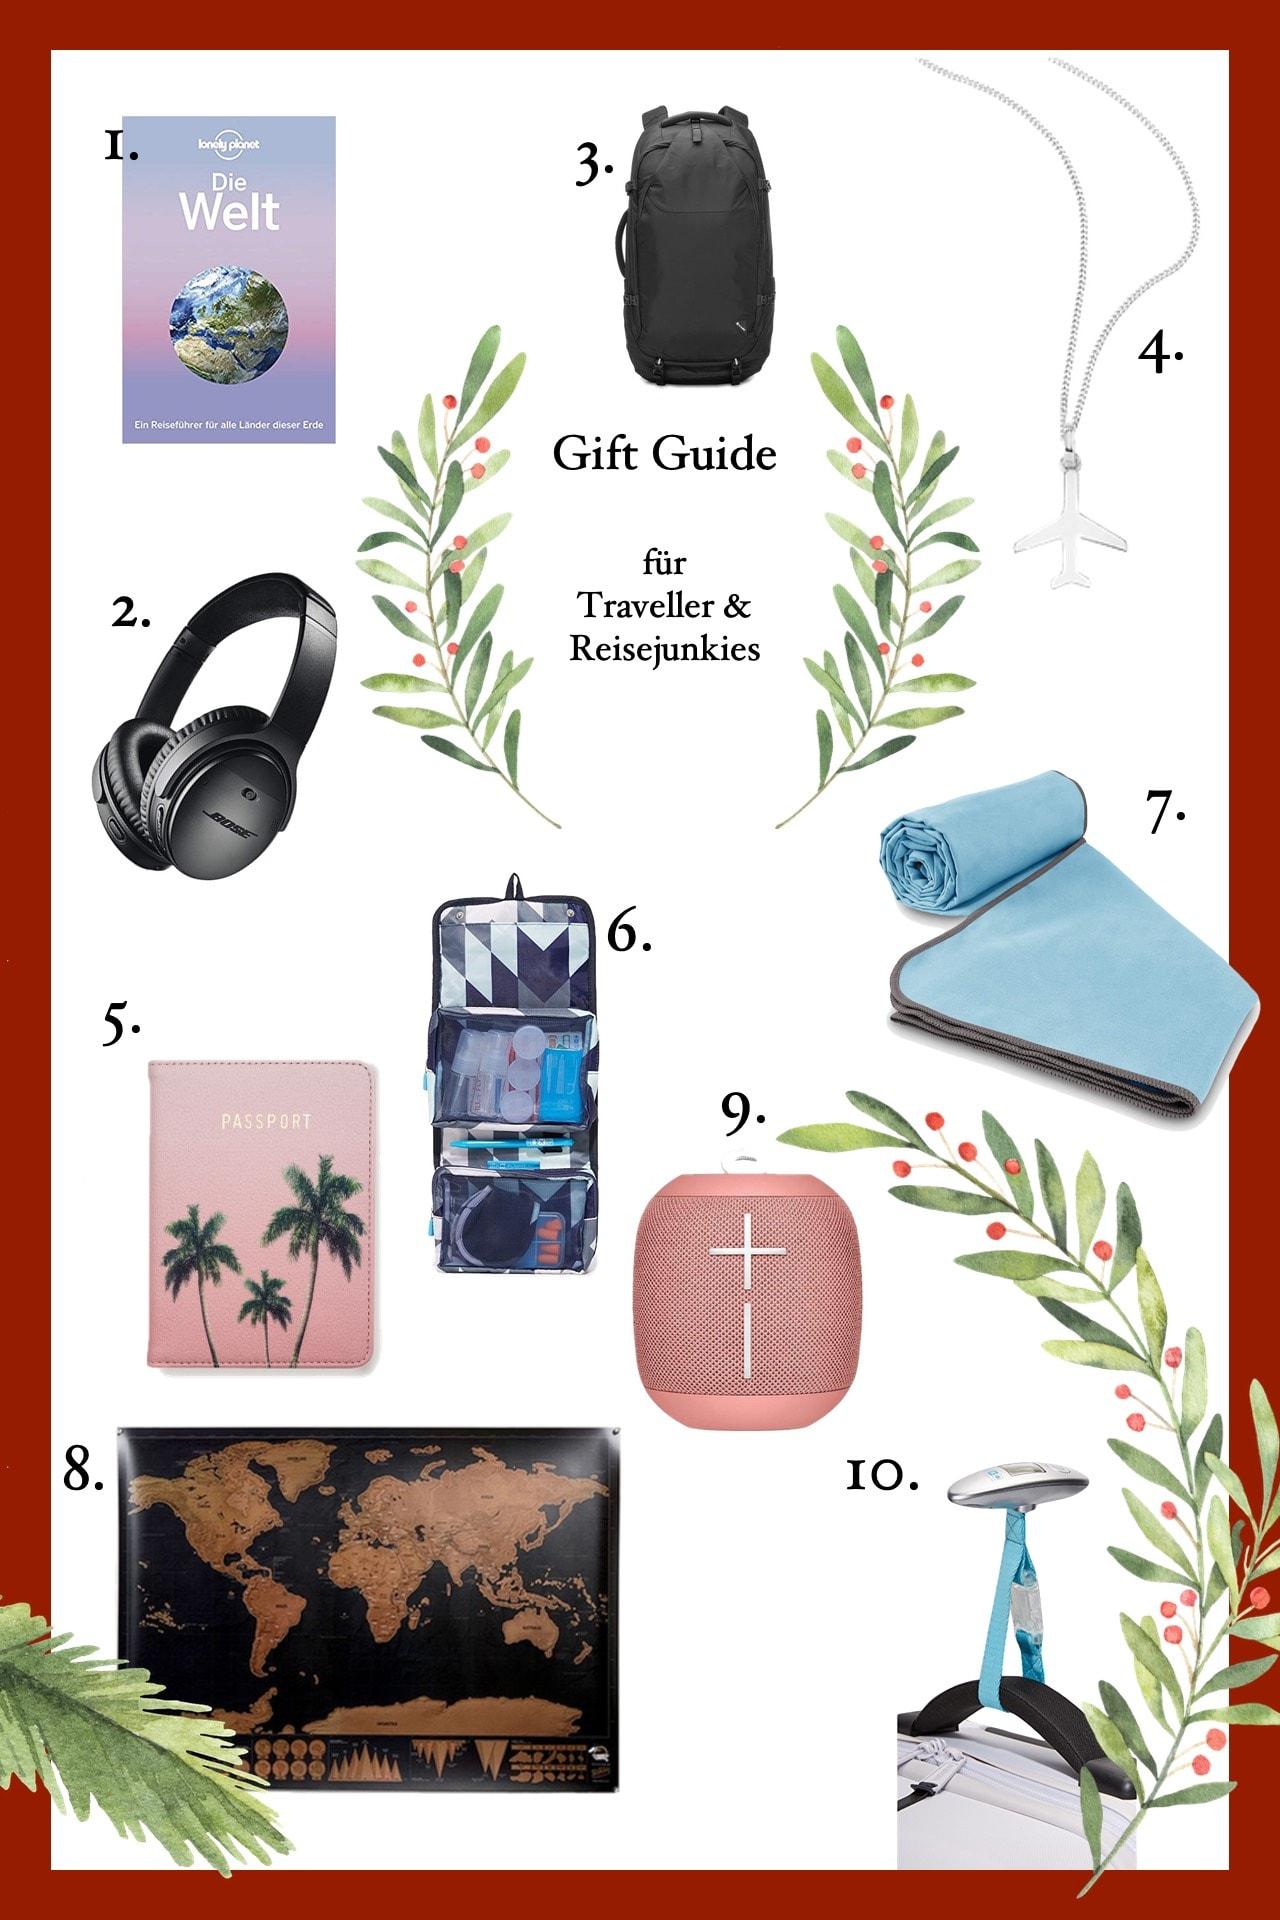 weihnachtsgeschenkideen fuer reisejunkies und traveller